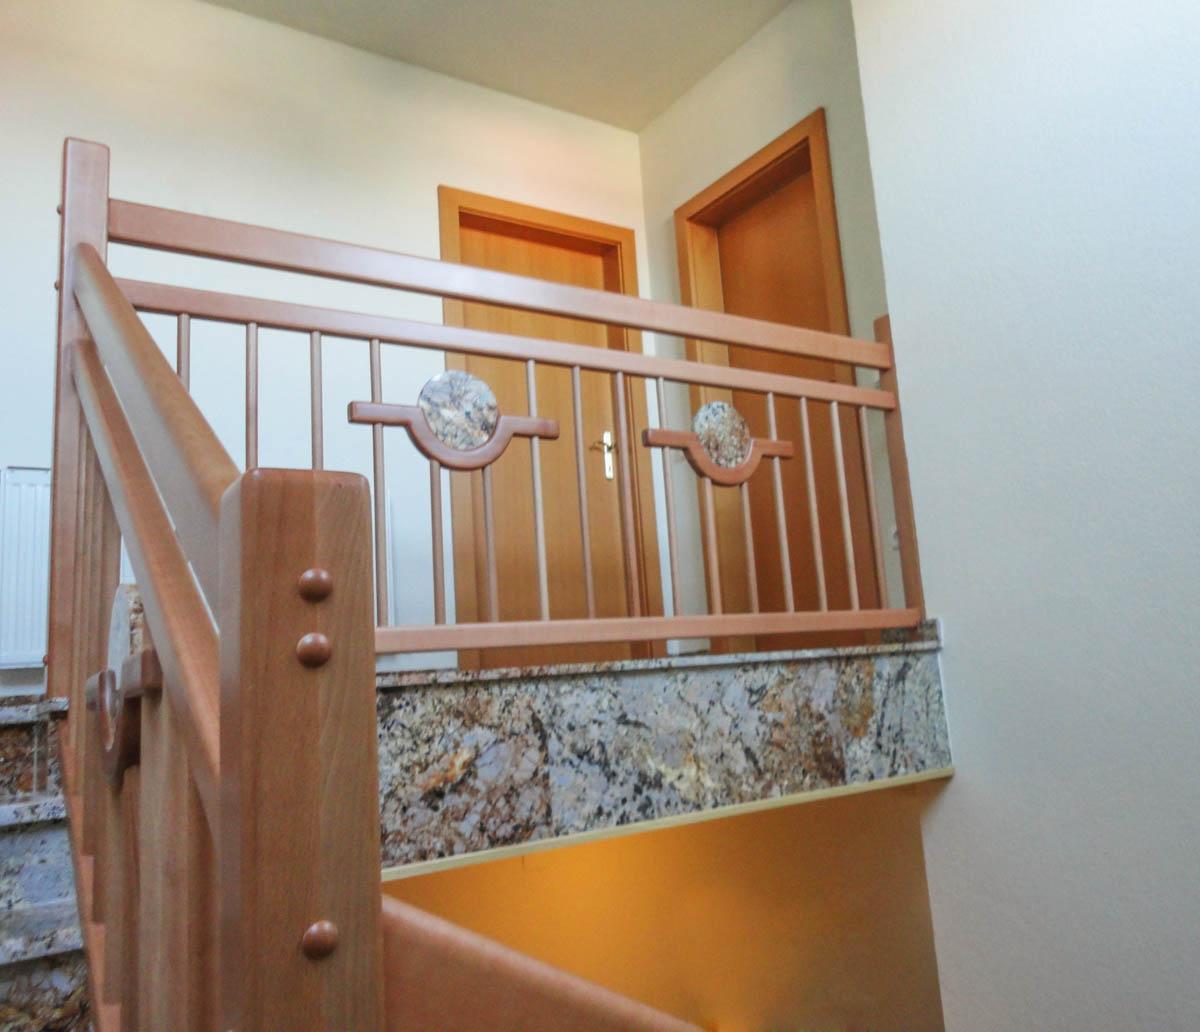 gelaender stufen marco treppen burgenland 39 marco treppen. Black Bedroom Furniture Sets. Home Design Ideas